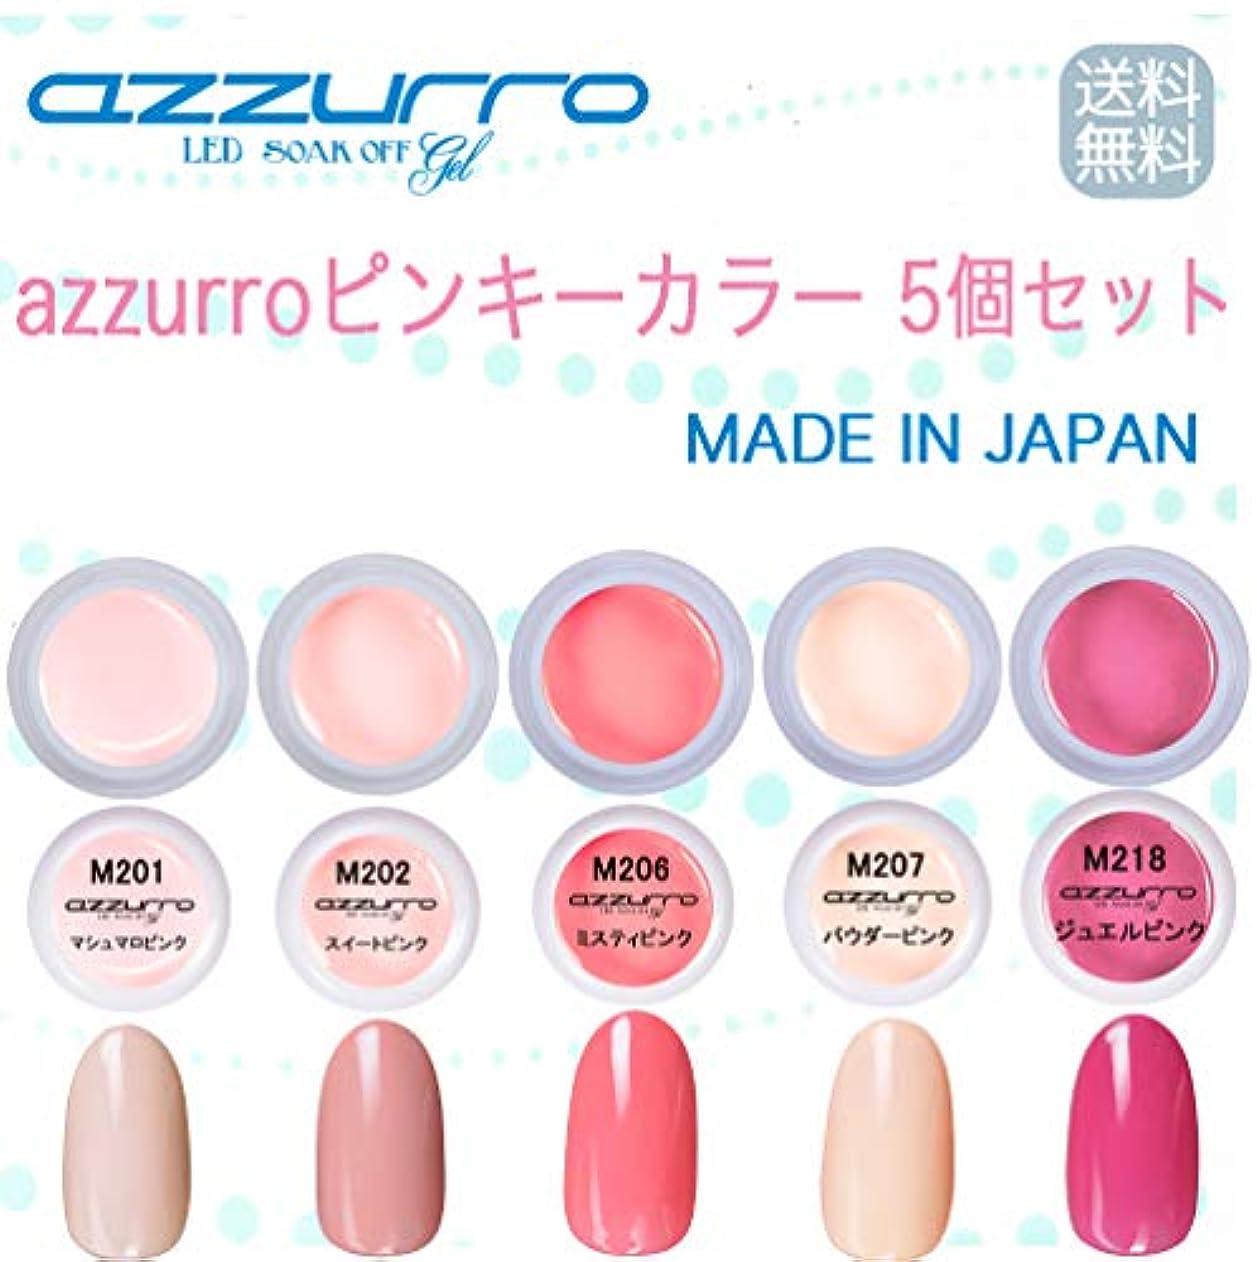 前兆によってランデブー【送料無料】日本製 azzurro gel ピンキーカラー ジェル5個セット ネイルのマストアイテムピンキーカラー